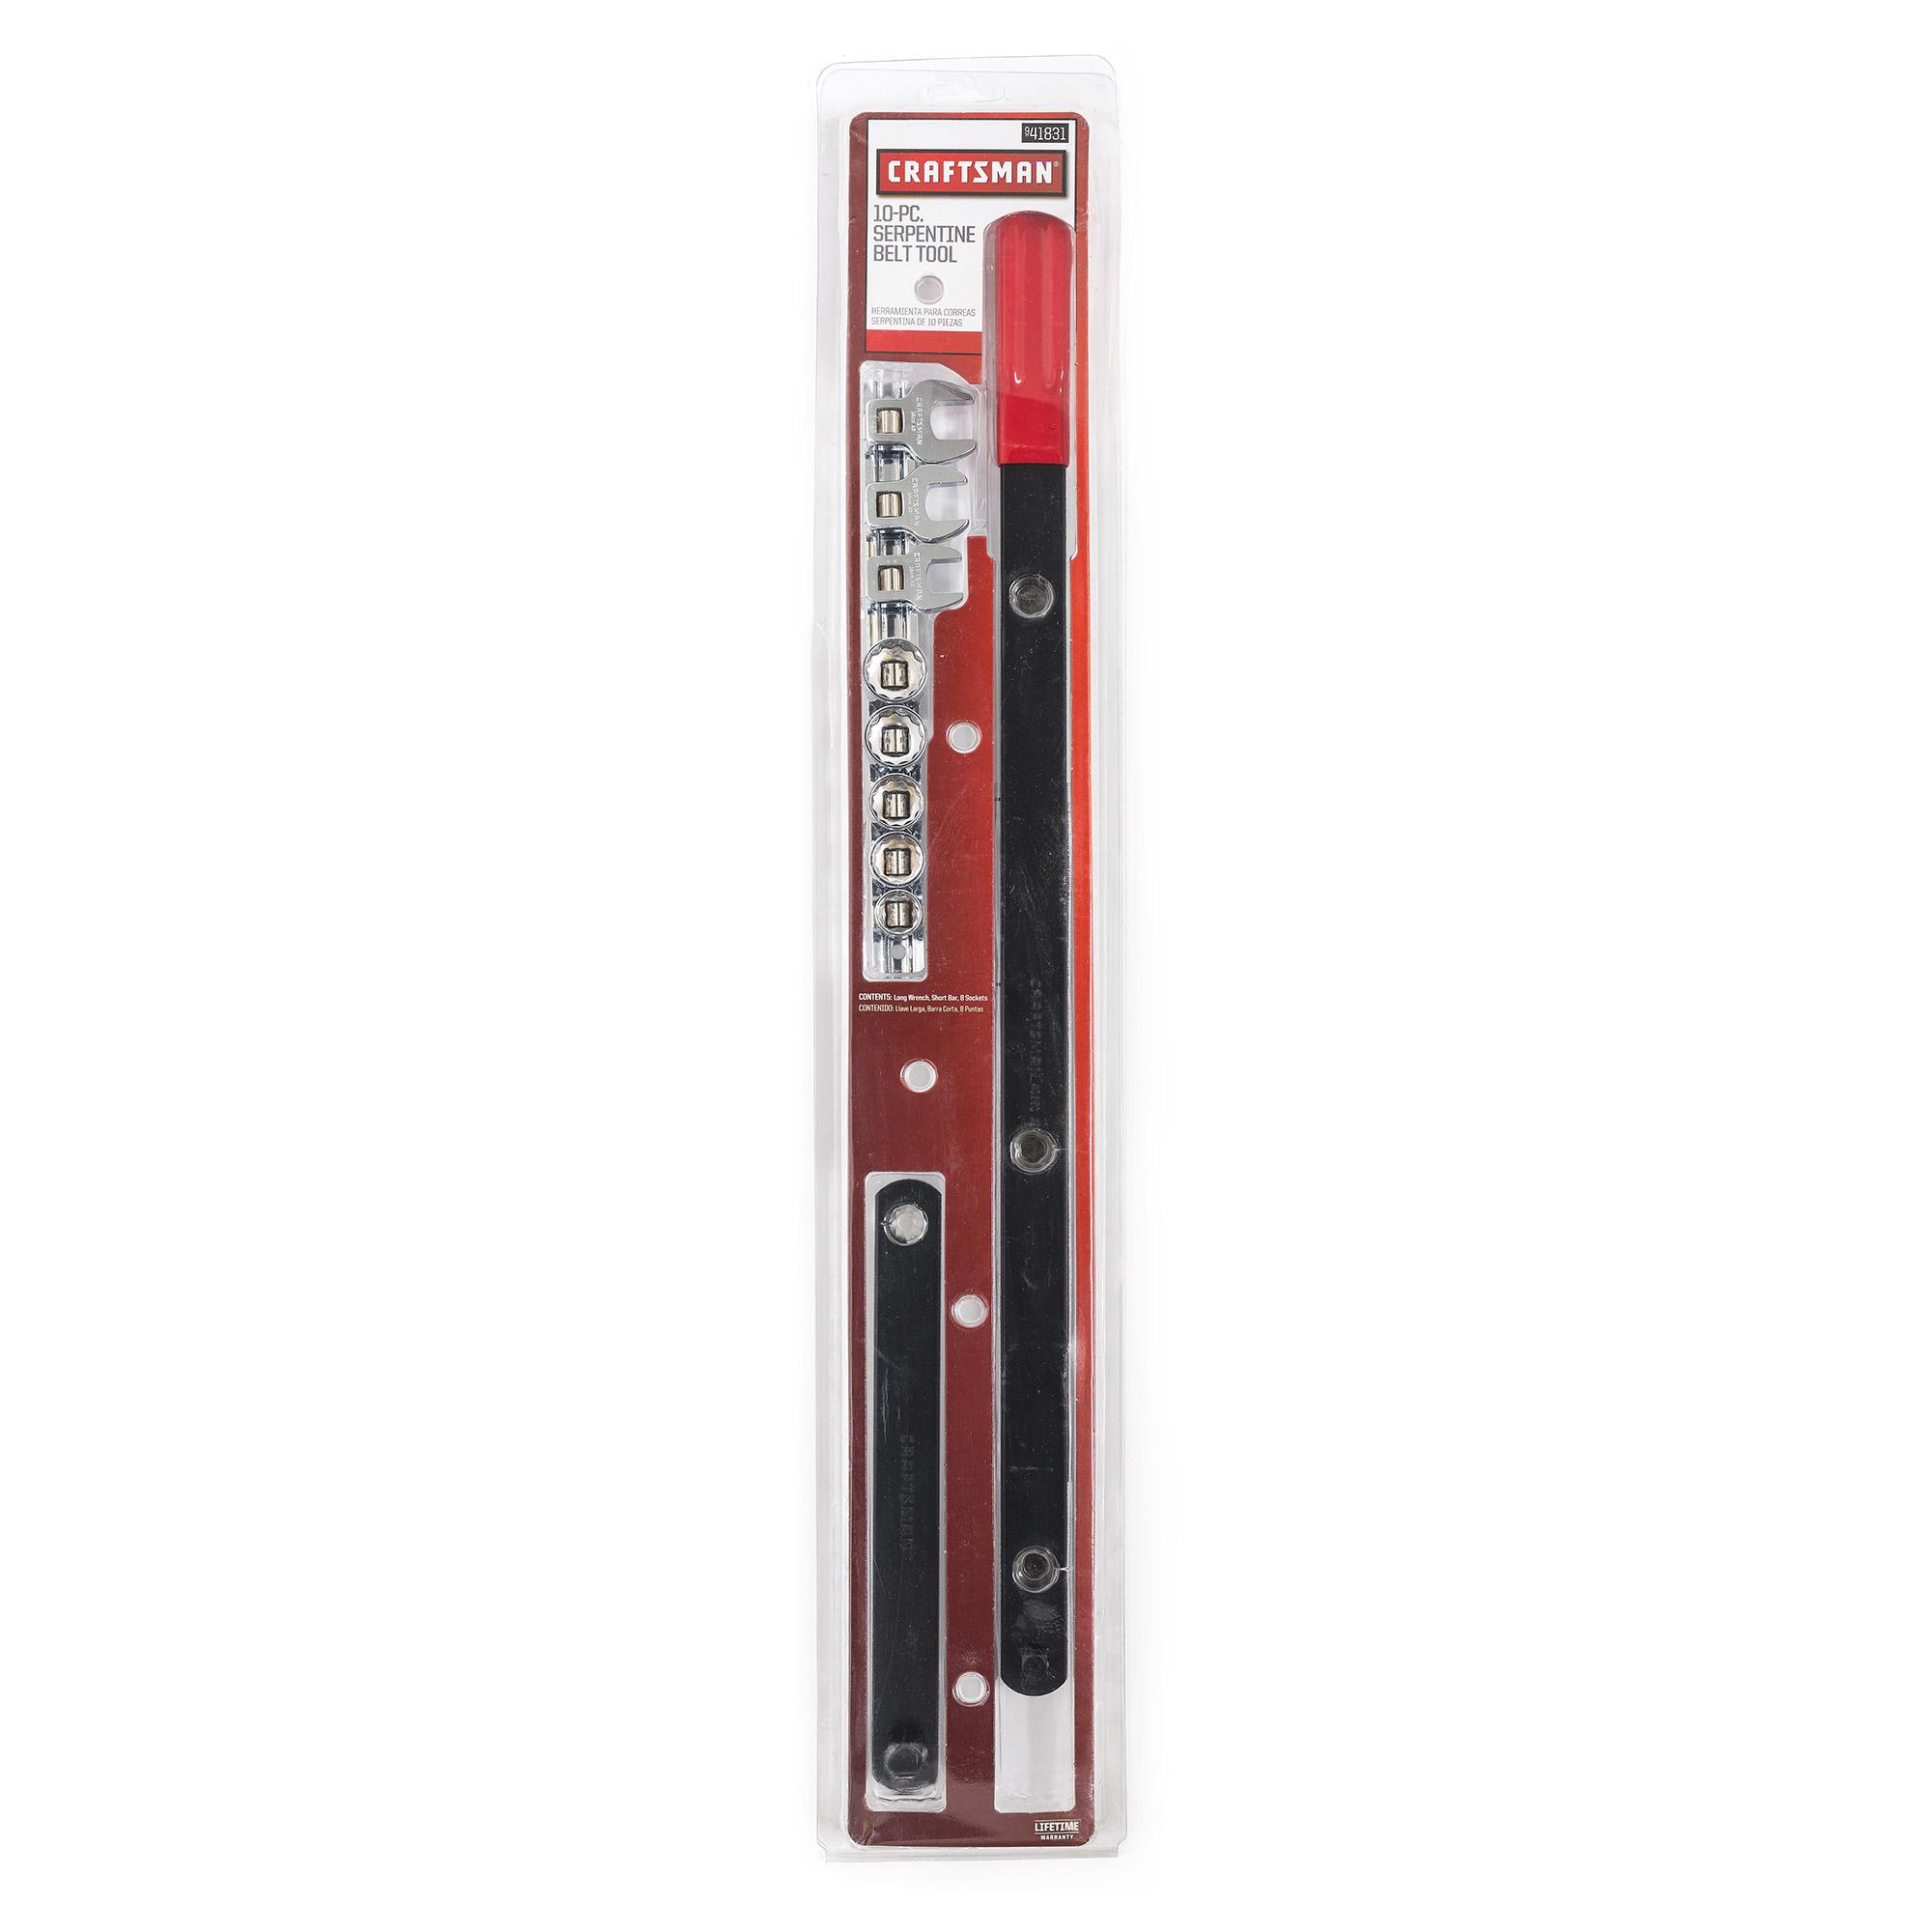 Craftsman Serpentine Belt Tool